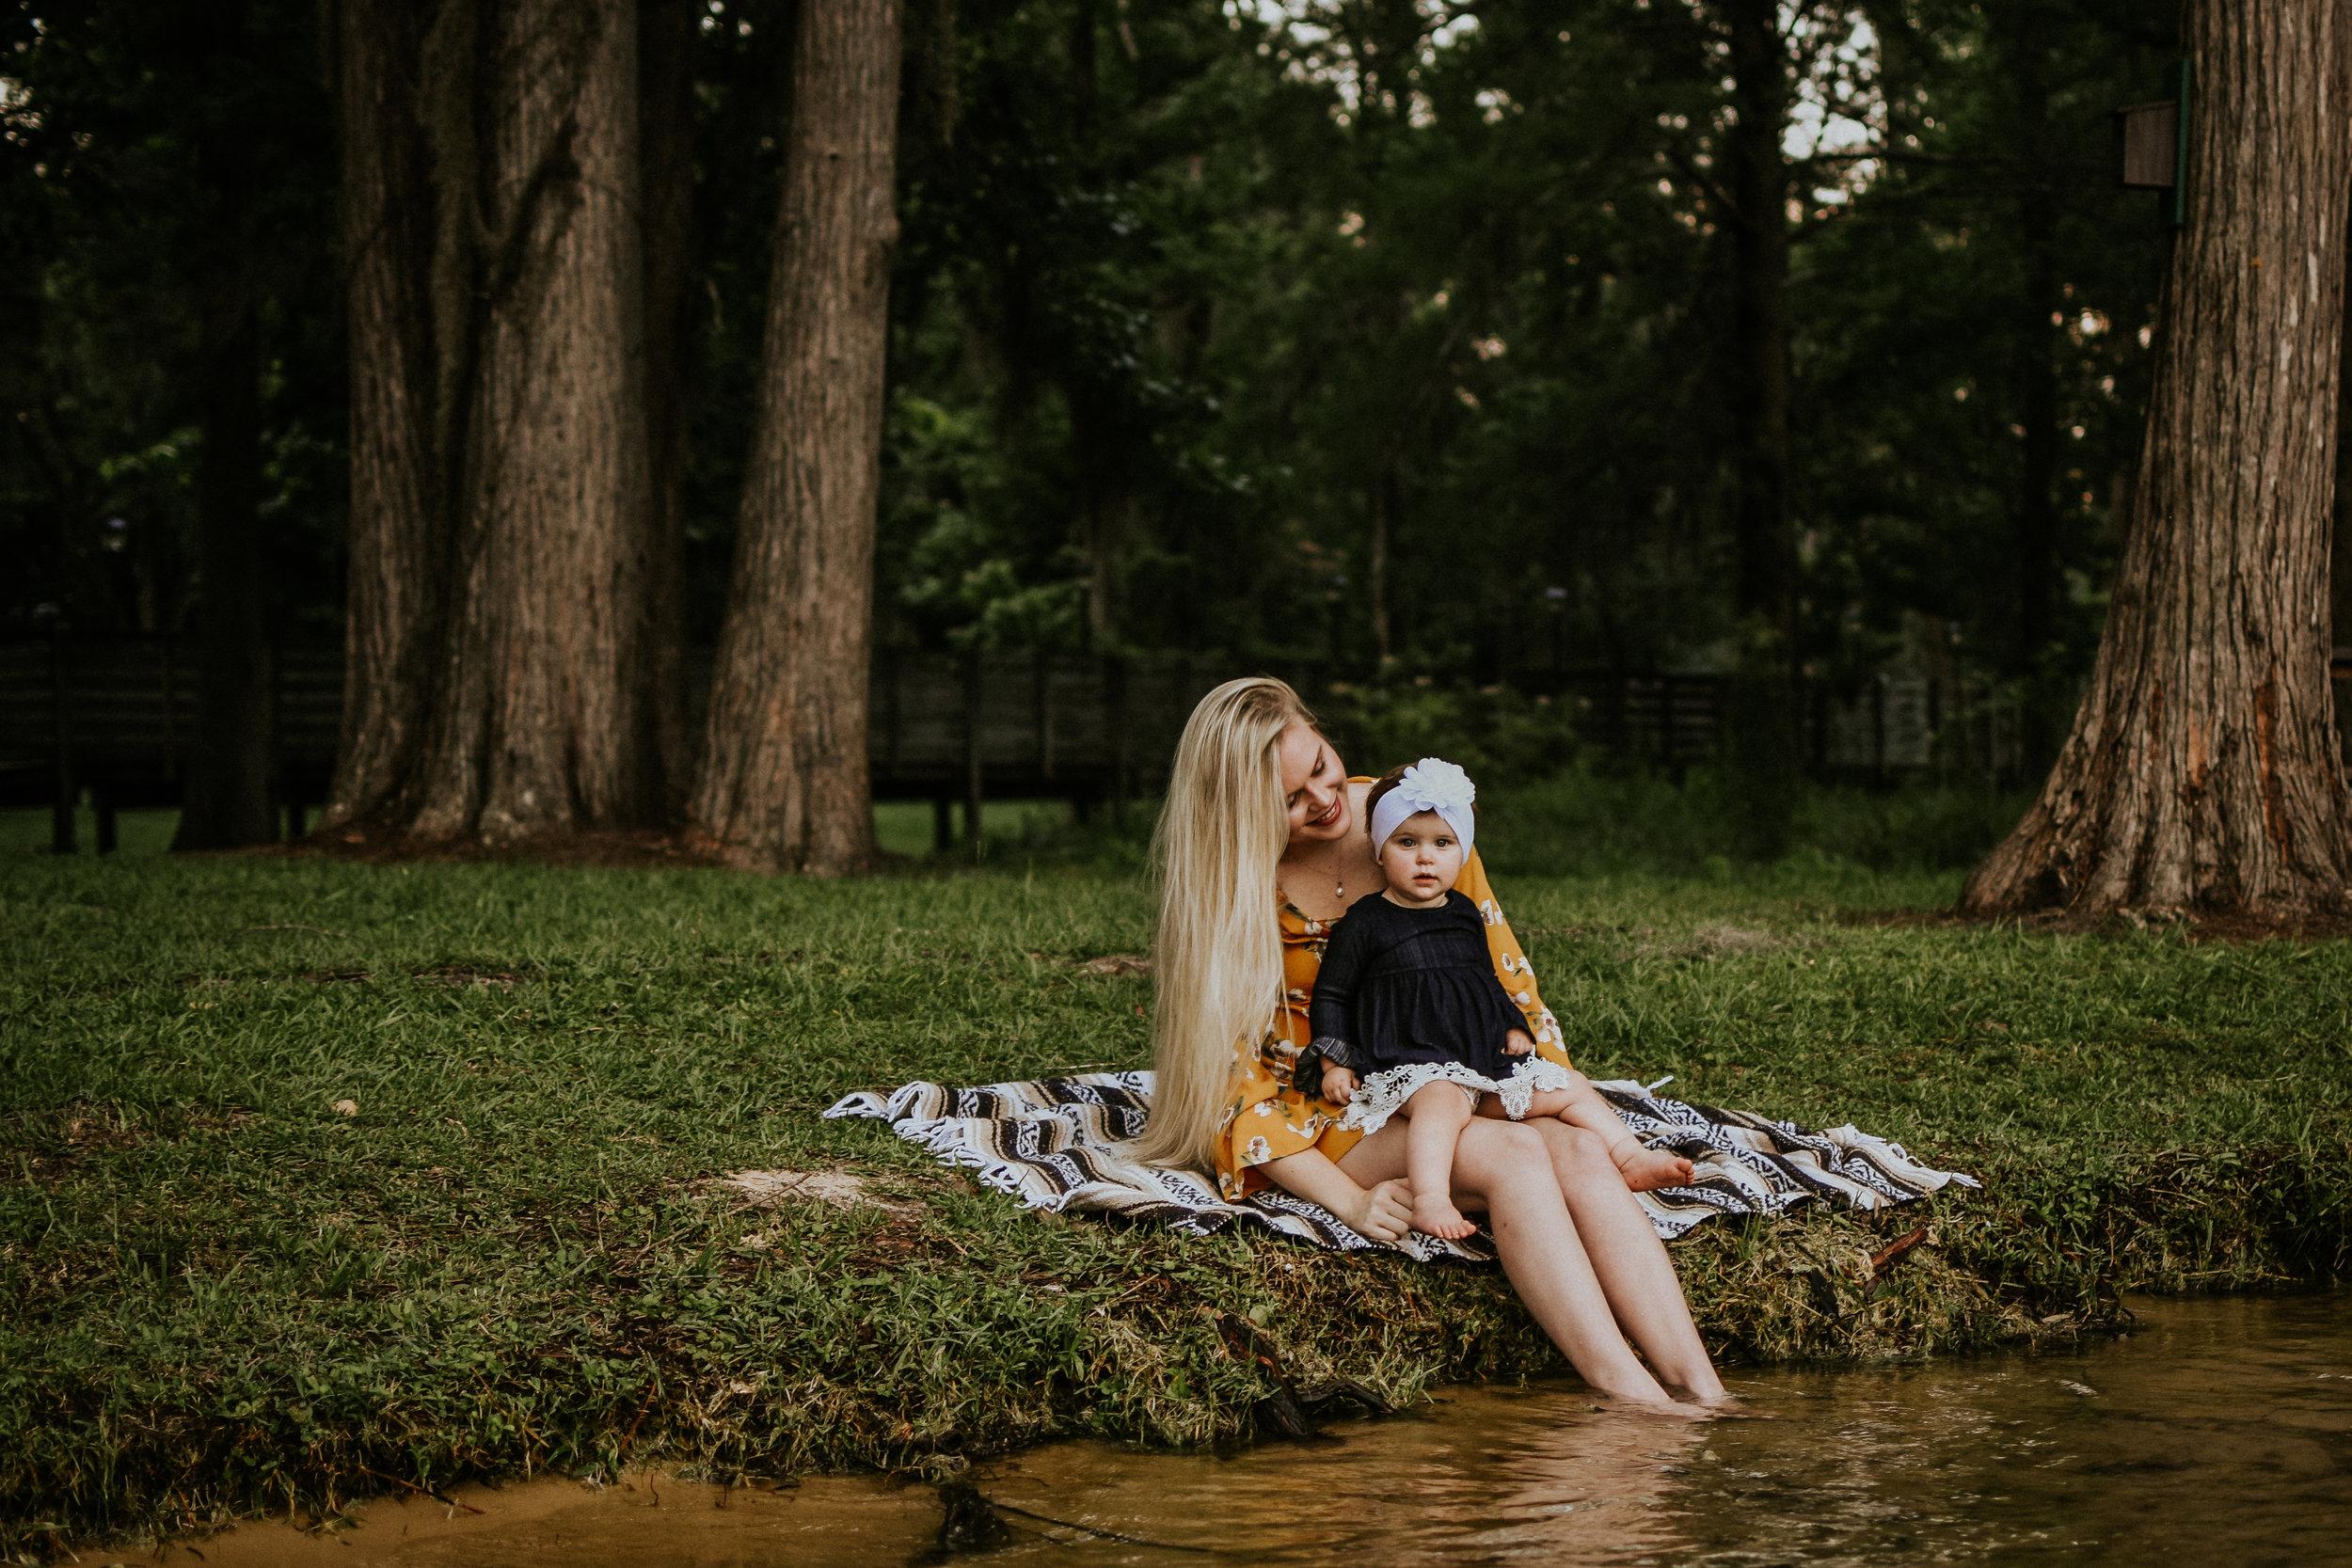 CrestviewFloridaLifestylePhotographer-MommyandMeSession-LakeJackson-FloralaAlabama-24.jpg